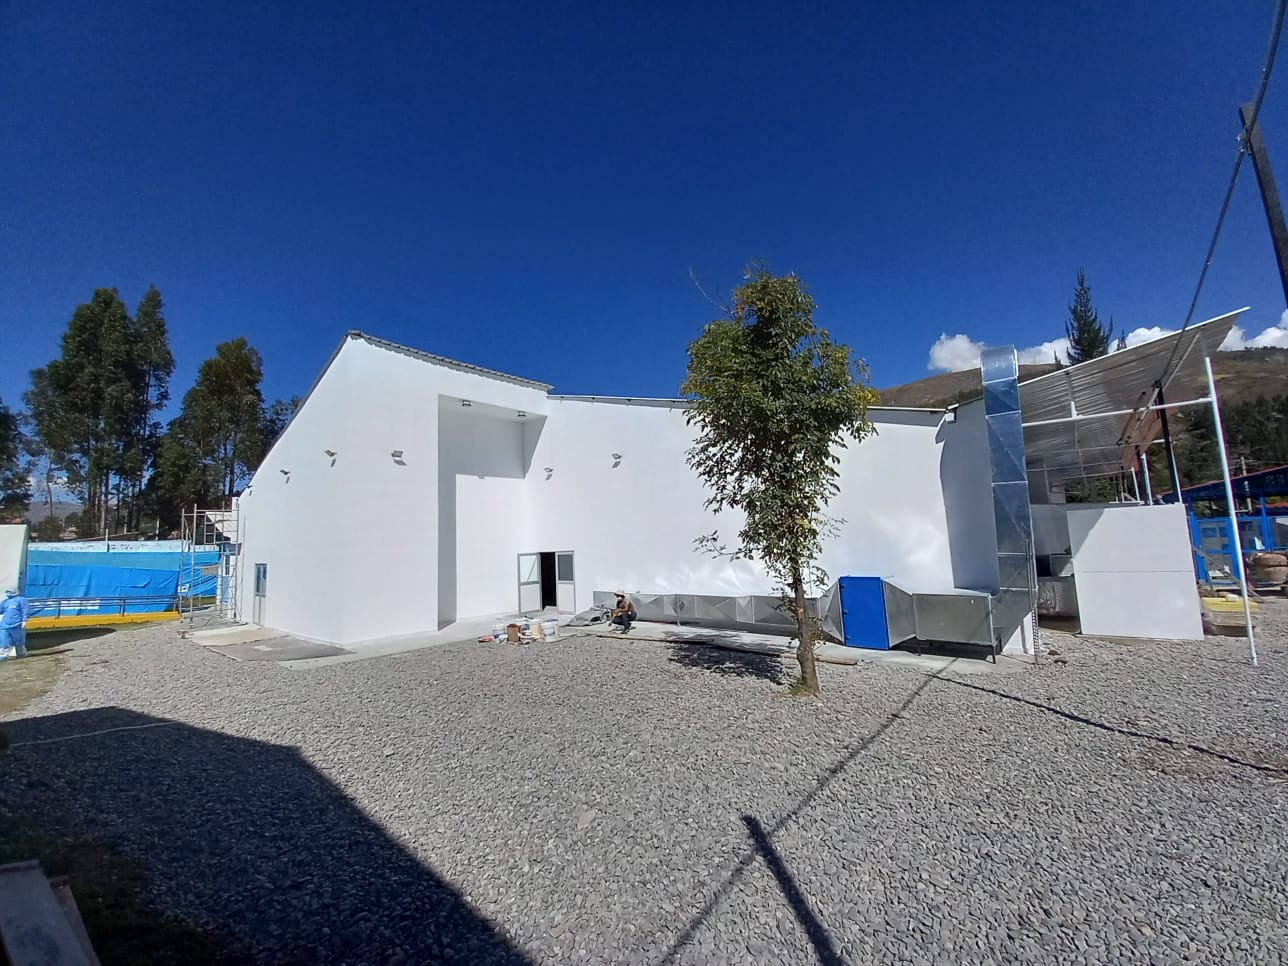 Essalud - Villa EsSalud Huaraz es construida en tiempo récord y entrará en funcionamiento en los próximos días para reforzar la atención de pacientes Covid-19